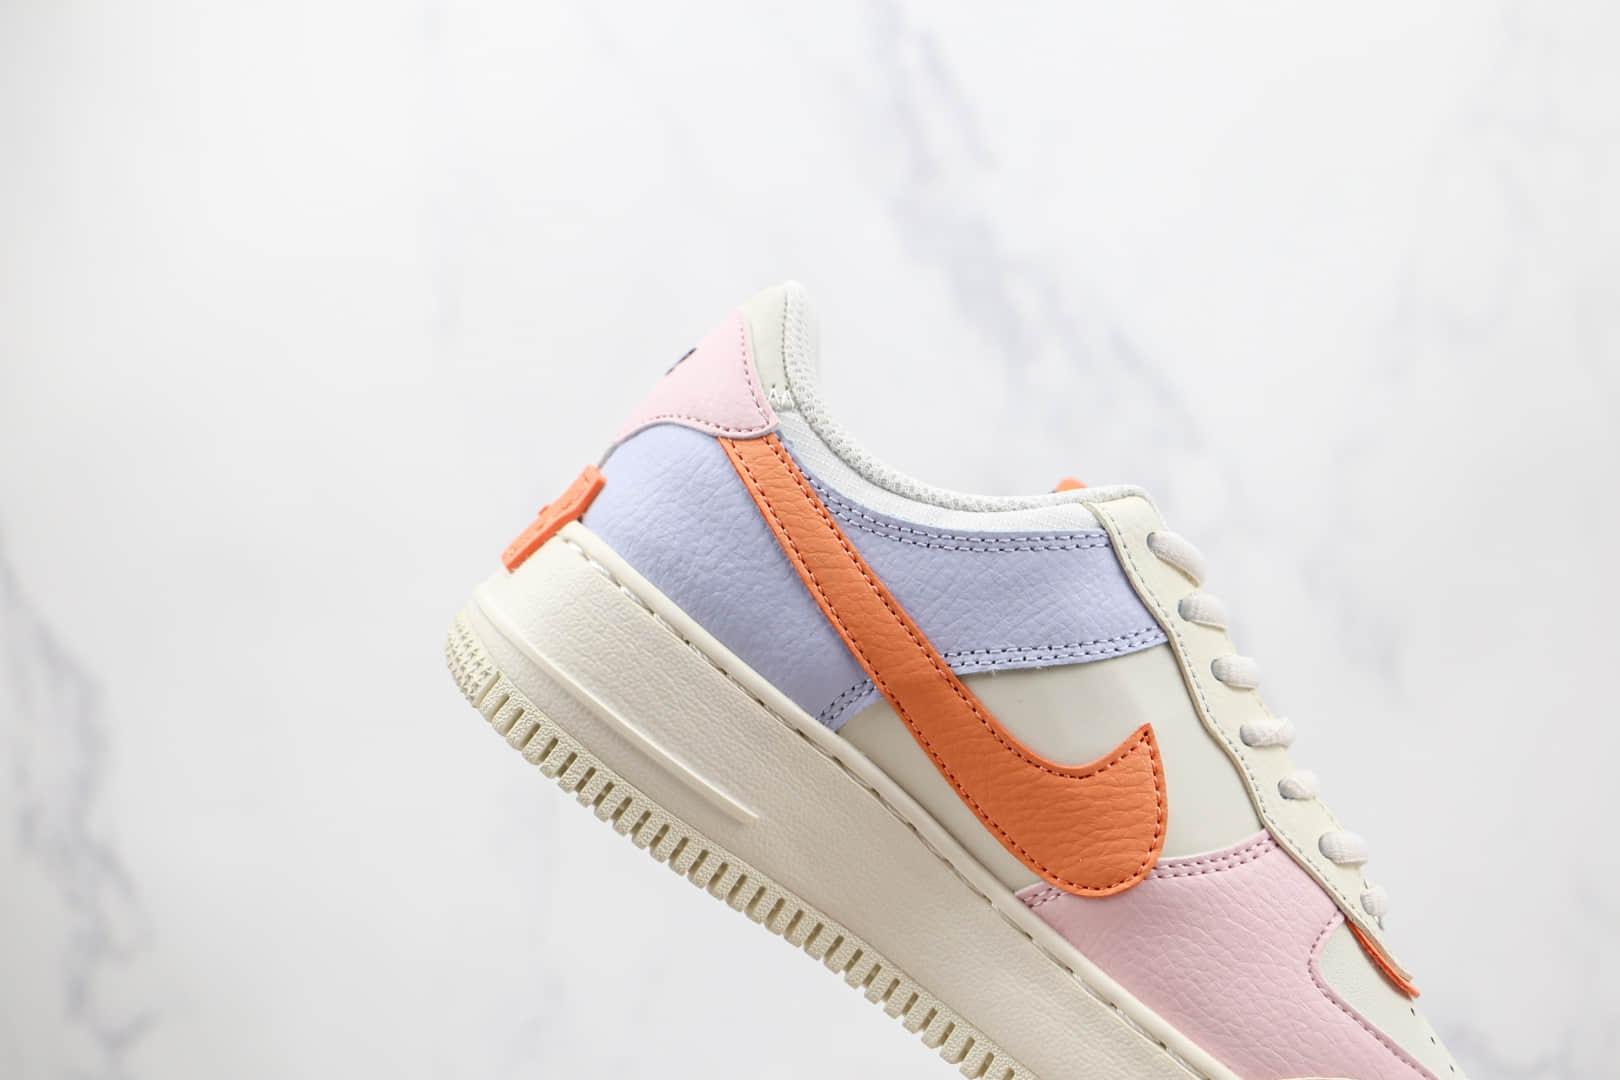 耐克Nike AIR FMRCE 1 SHADOW纯原版本低帮空军一号马卡龙双钩白粉蓝色板鞋内置气垫 货号:CI0919-111